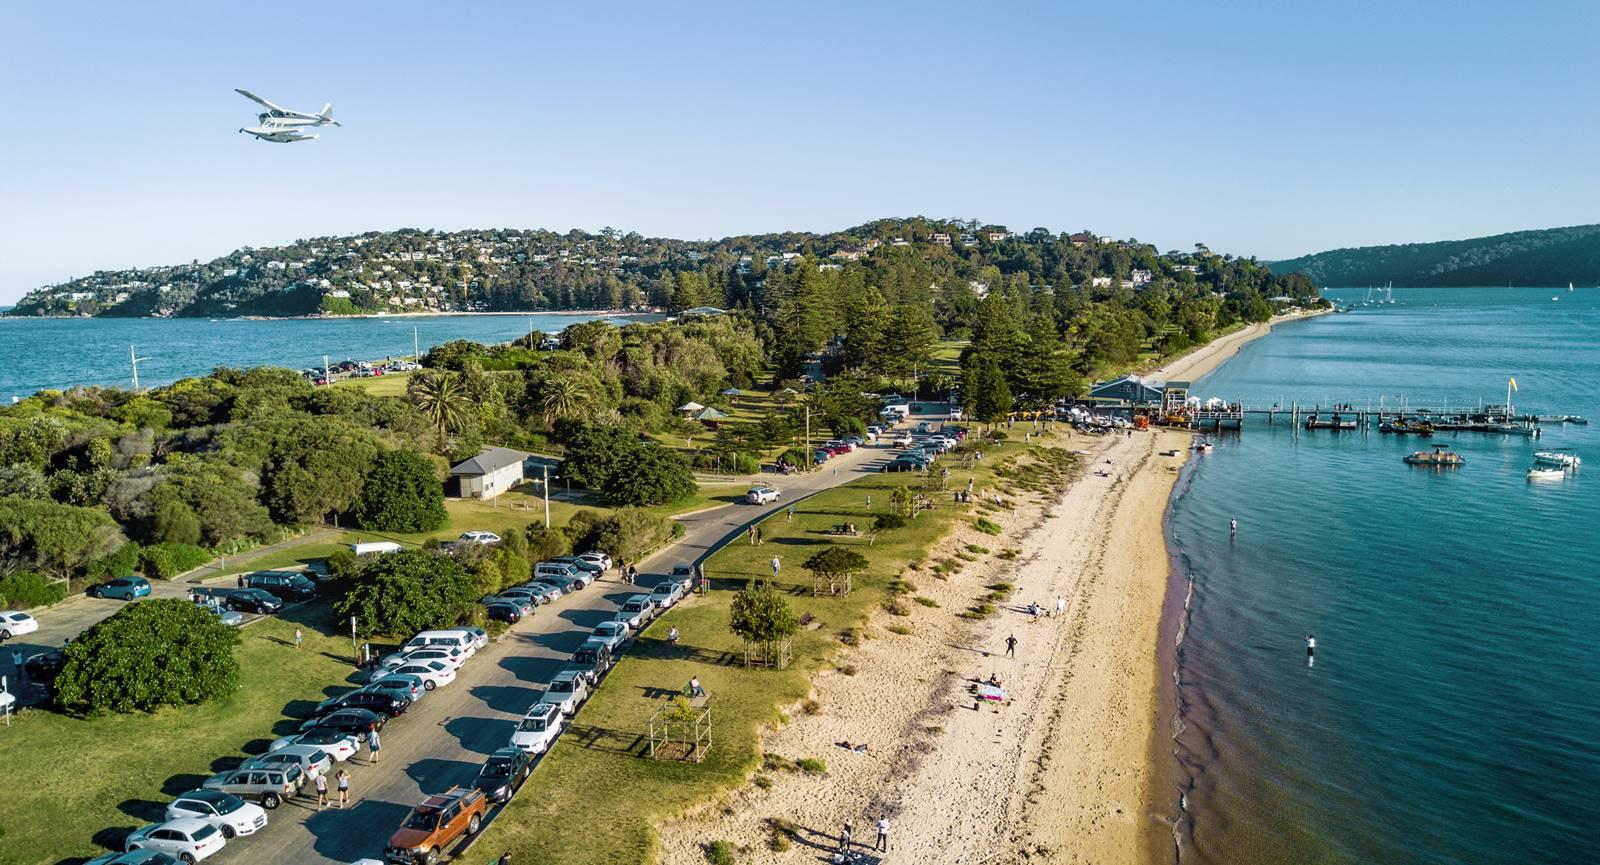 雪梨-雪梨景點-市區-推薦-雪梨必玩景點-雪梨必遊景點-棕櫚海灘-雪梨旅遊景點-雪梨自由行景點-悉尼景點-澳洲-Sydney-Tourist-Attraction-Palm-Beach-Travel-Australia